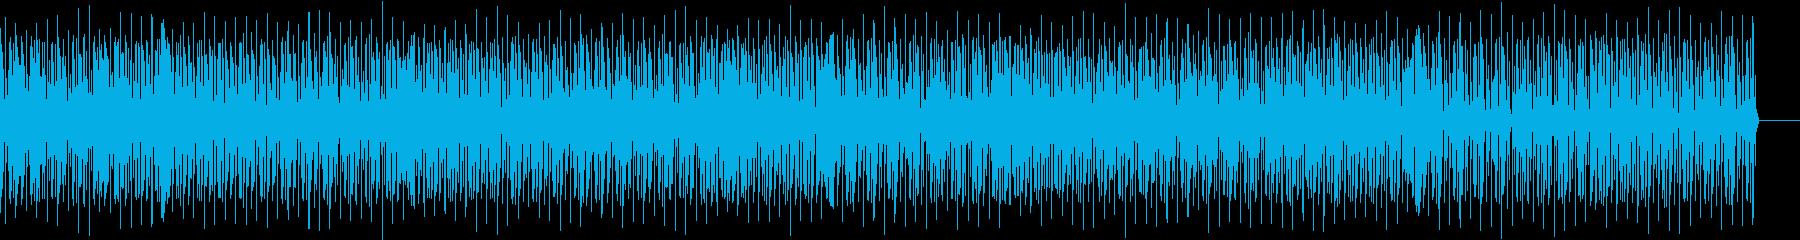 R&Bインストルメンタル。ゆっくり...の再生済みの波形